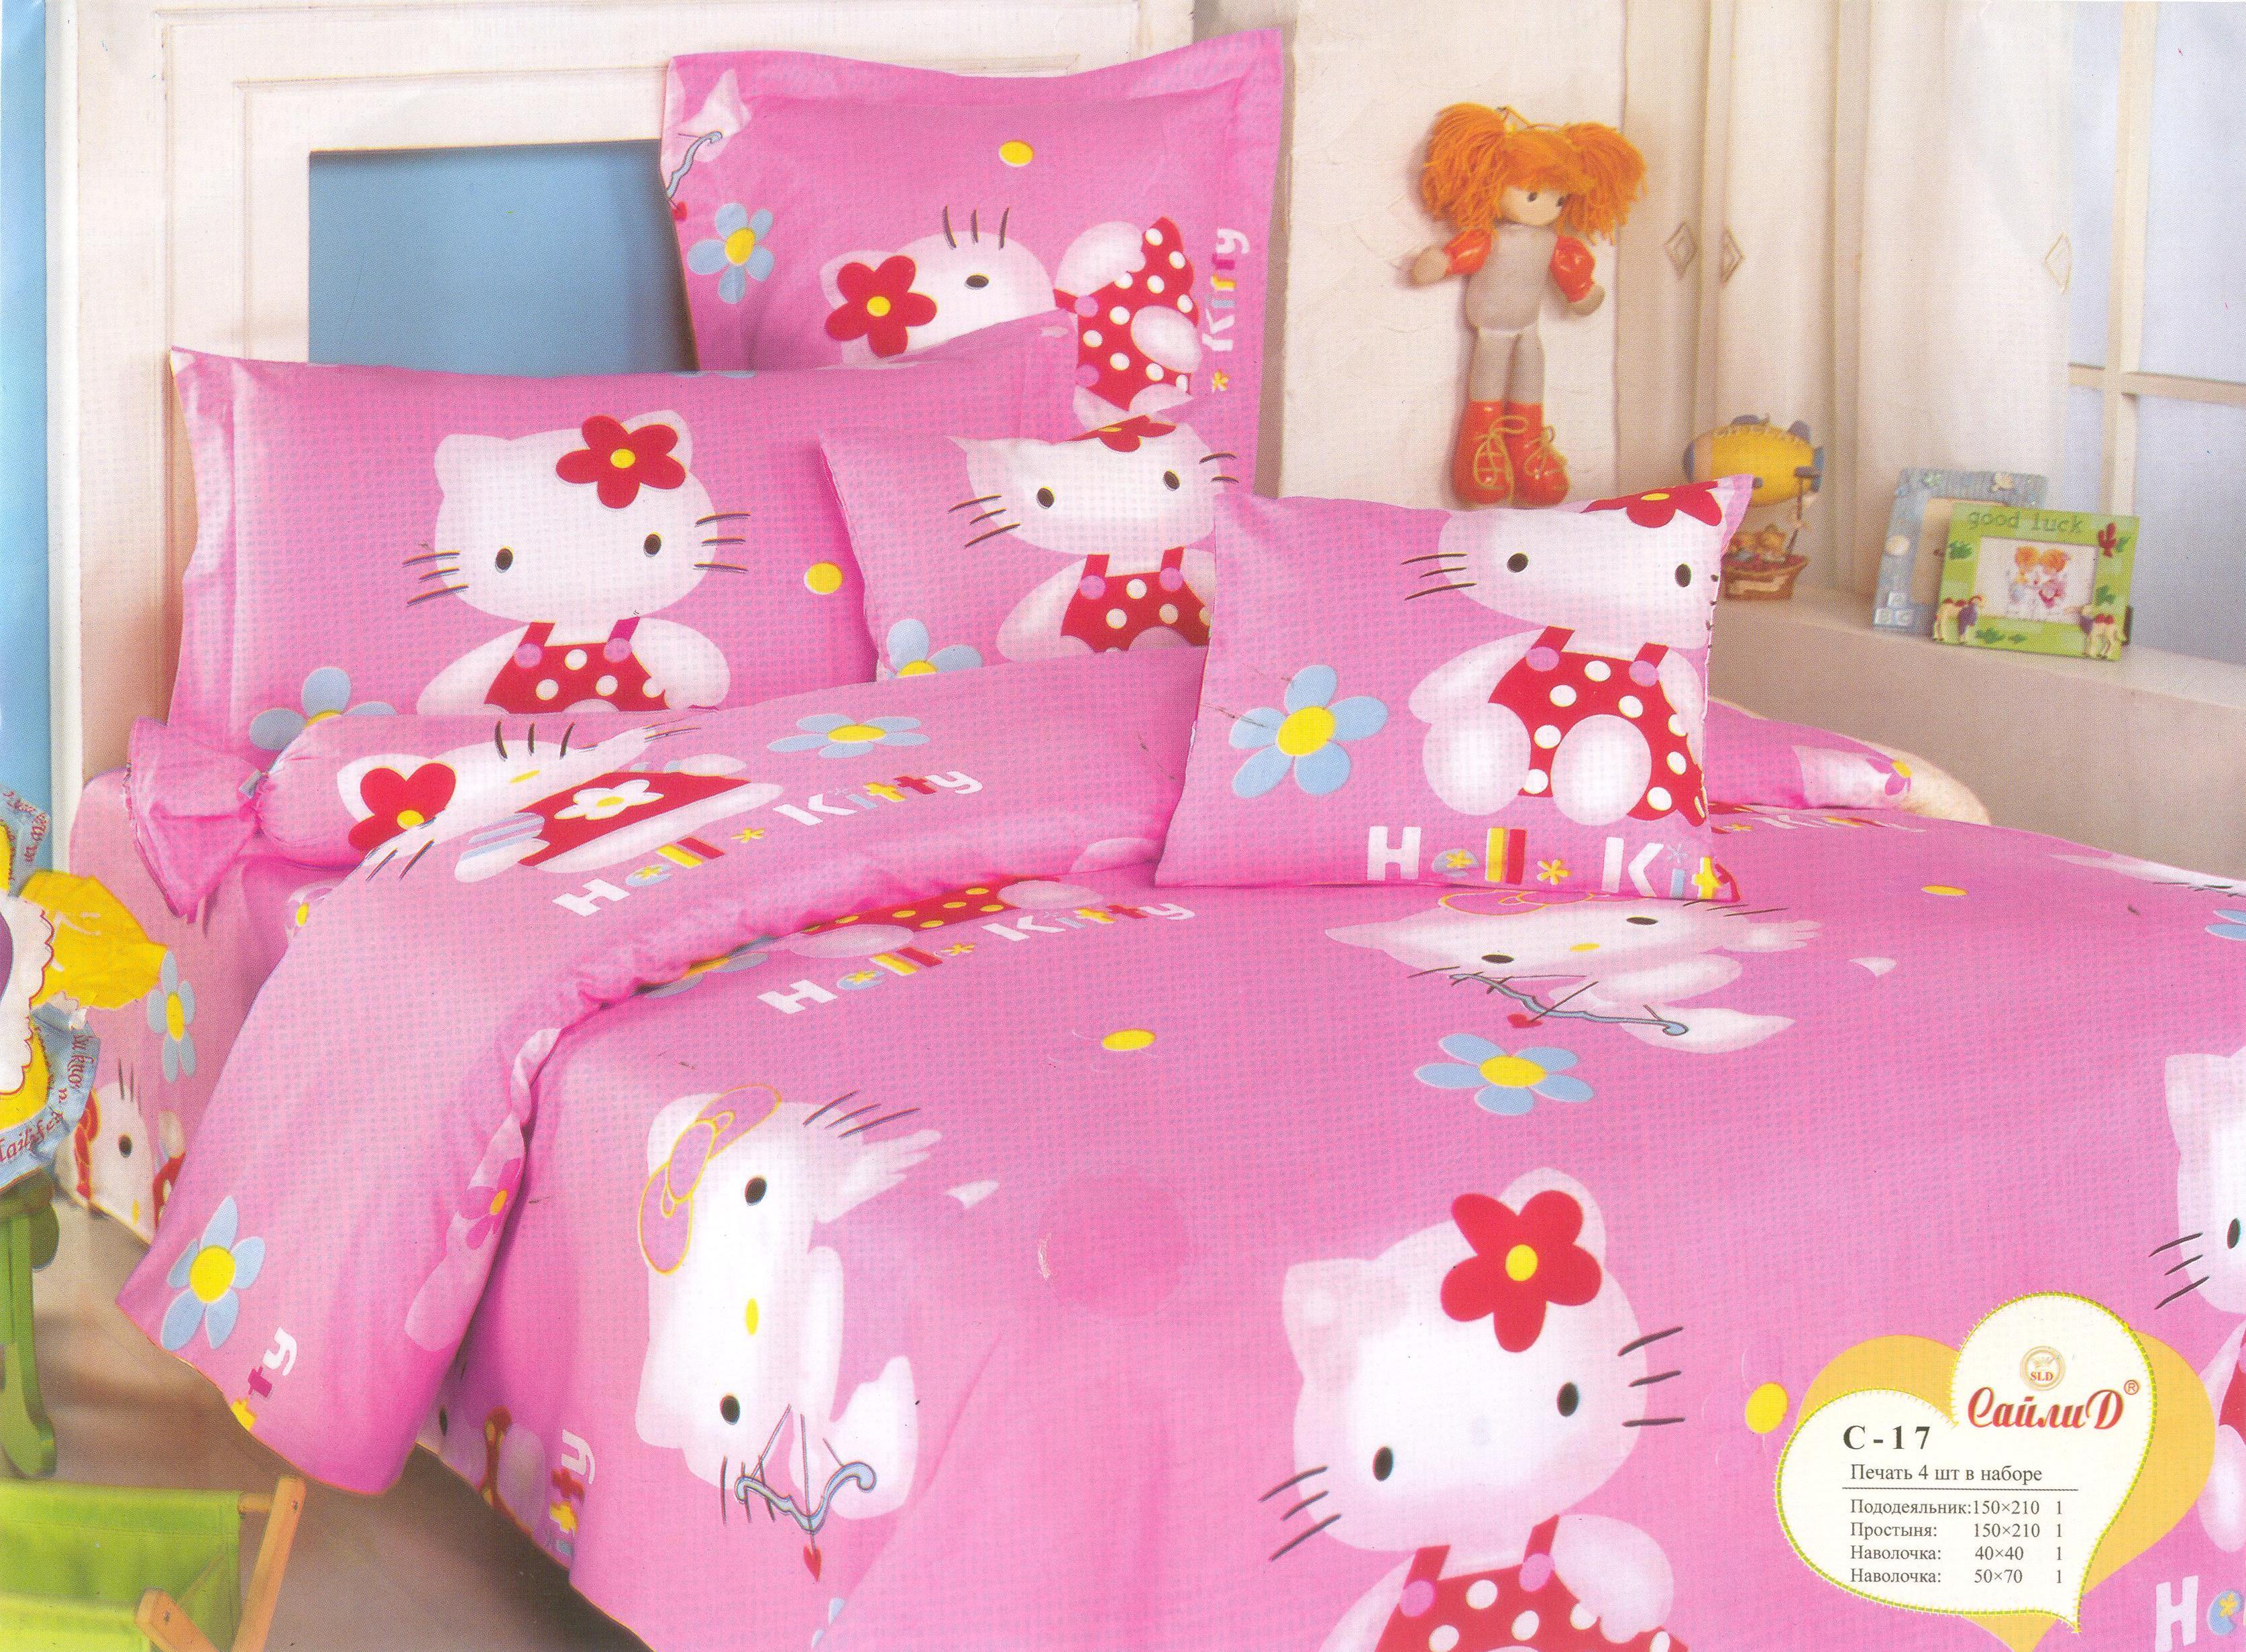 Купить Детское постельное белье СайлиД, Постельное белье Hello Kitty С-17 (1, 5 сп.), Китай, Розовый, Поплин